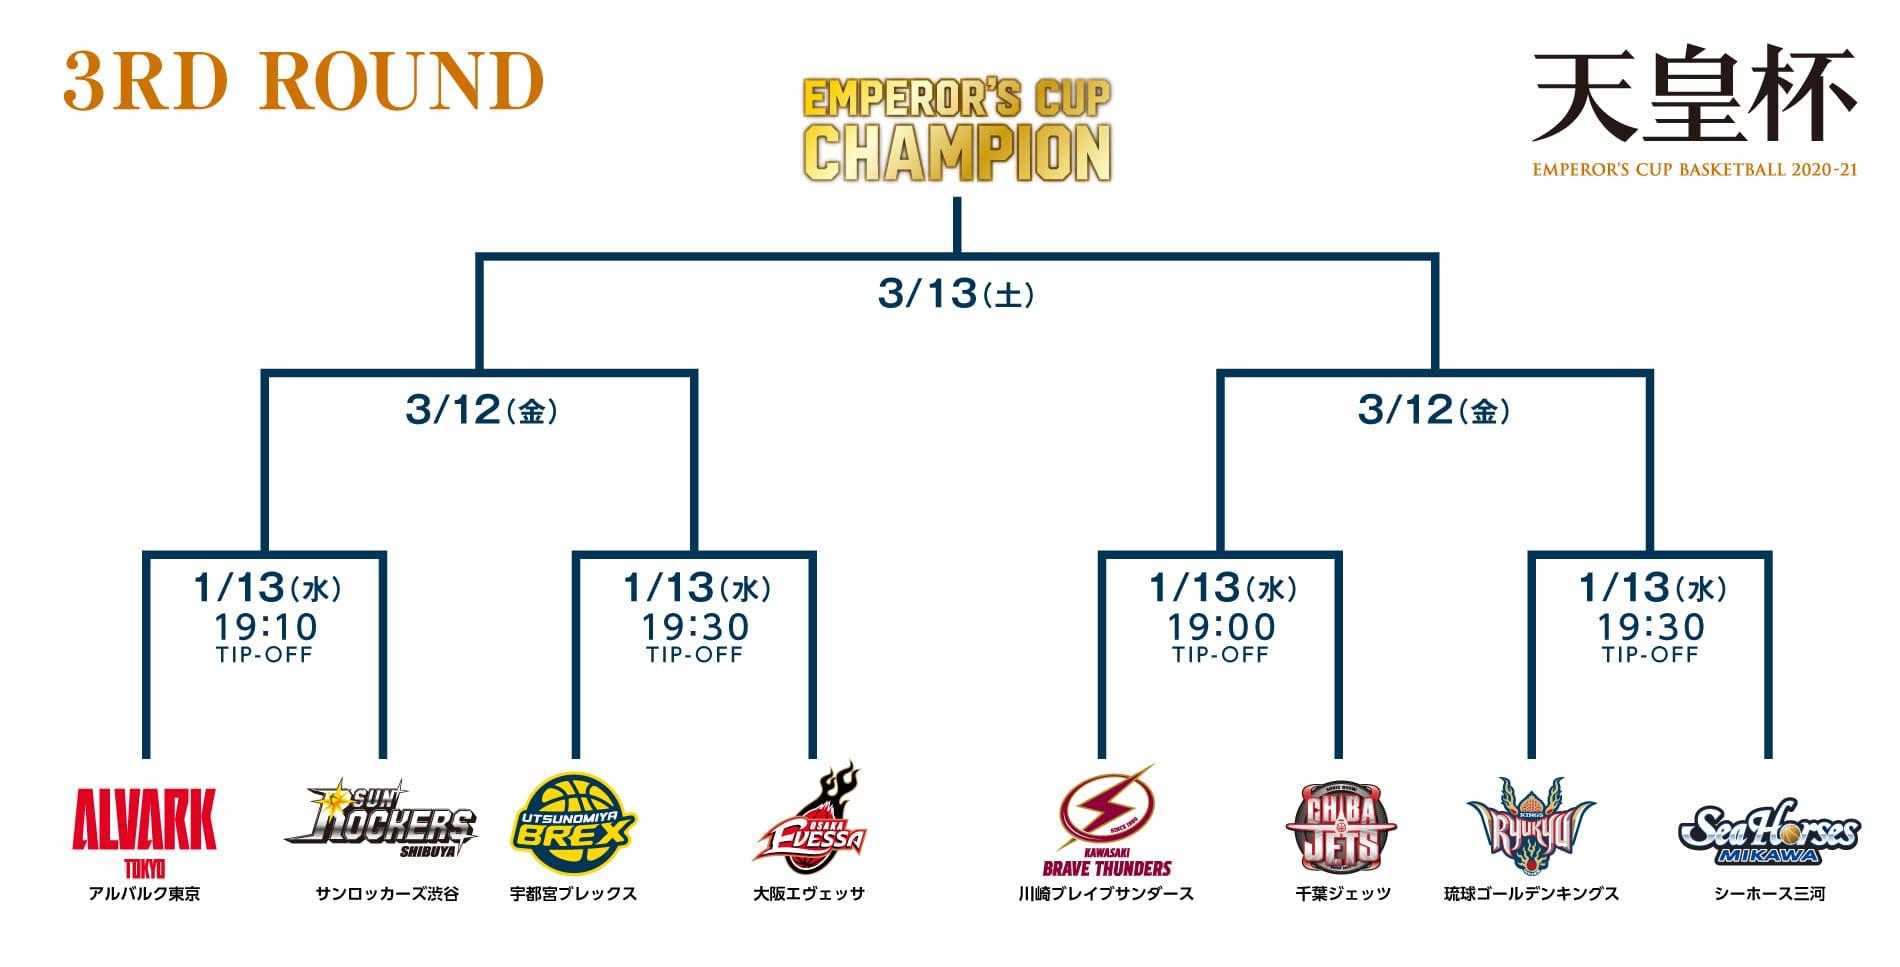 第96回天皇杯 全日本バスケットボール選手権大会 トーナメント表